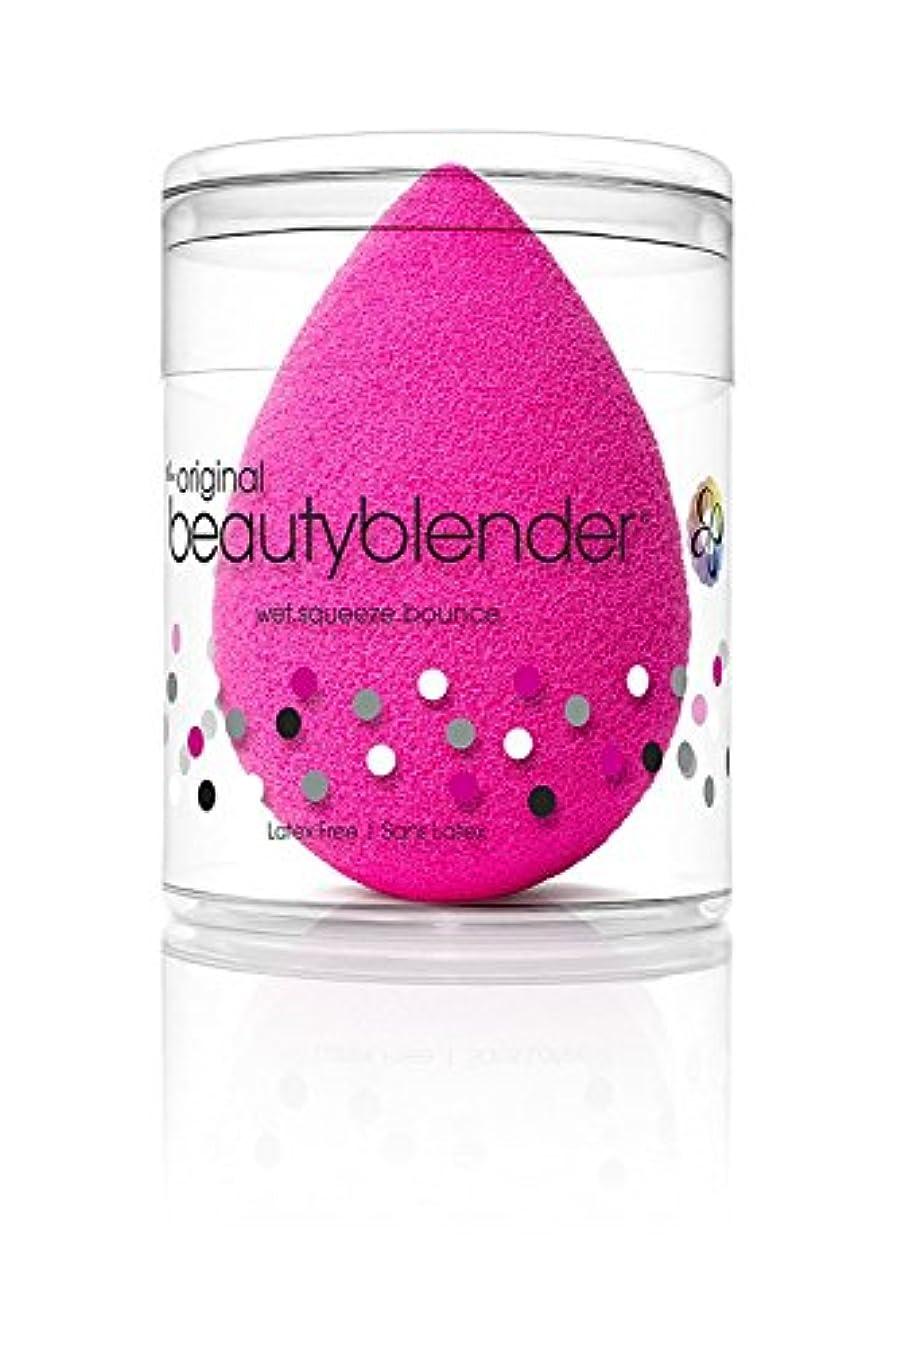 故意にサワー鎮静剤ビューティーブレンダー beautyblender オリジナル メイクアップ スポンジ [並行輸入品]